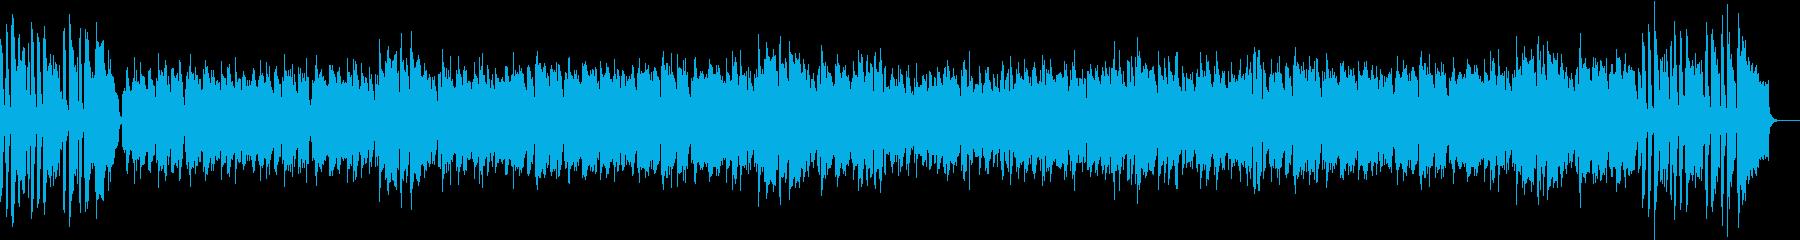 ジャズビッグバンドの軽快なボサノバの再生済みの波形